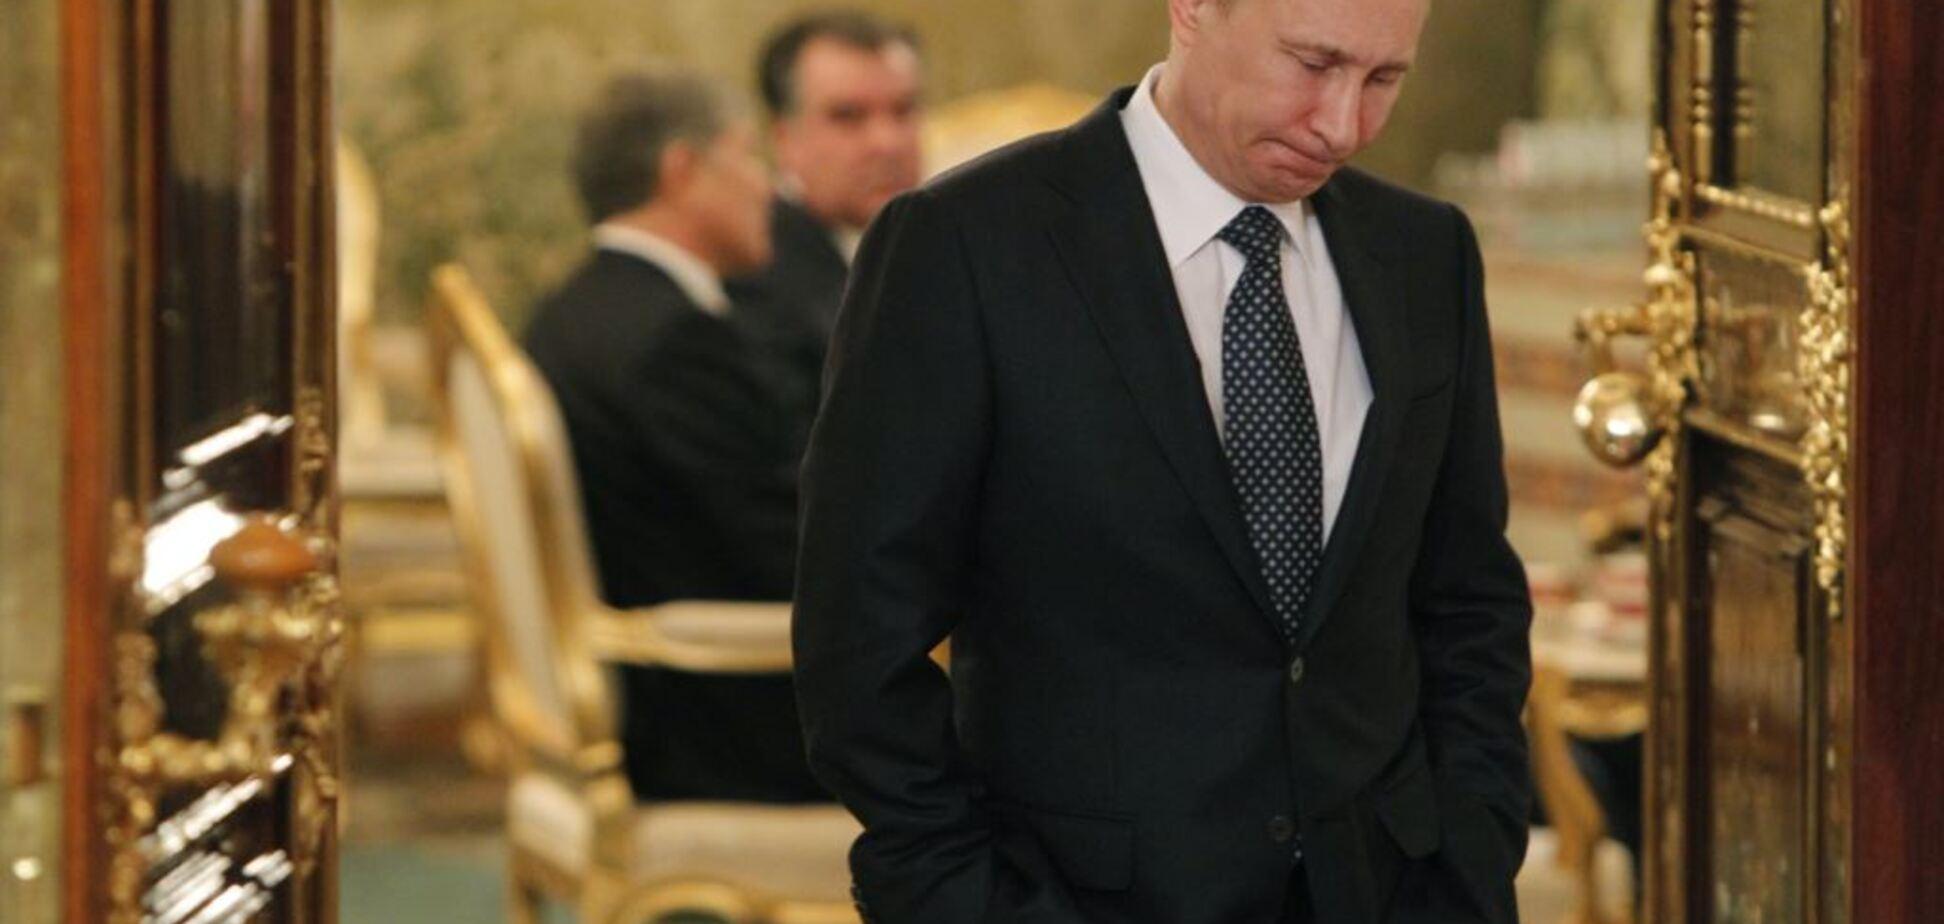 Капитуляцию Кремля изобразят как победу - Голышев